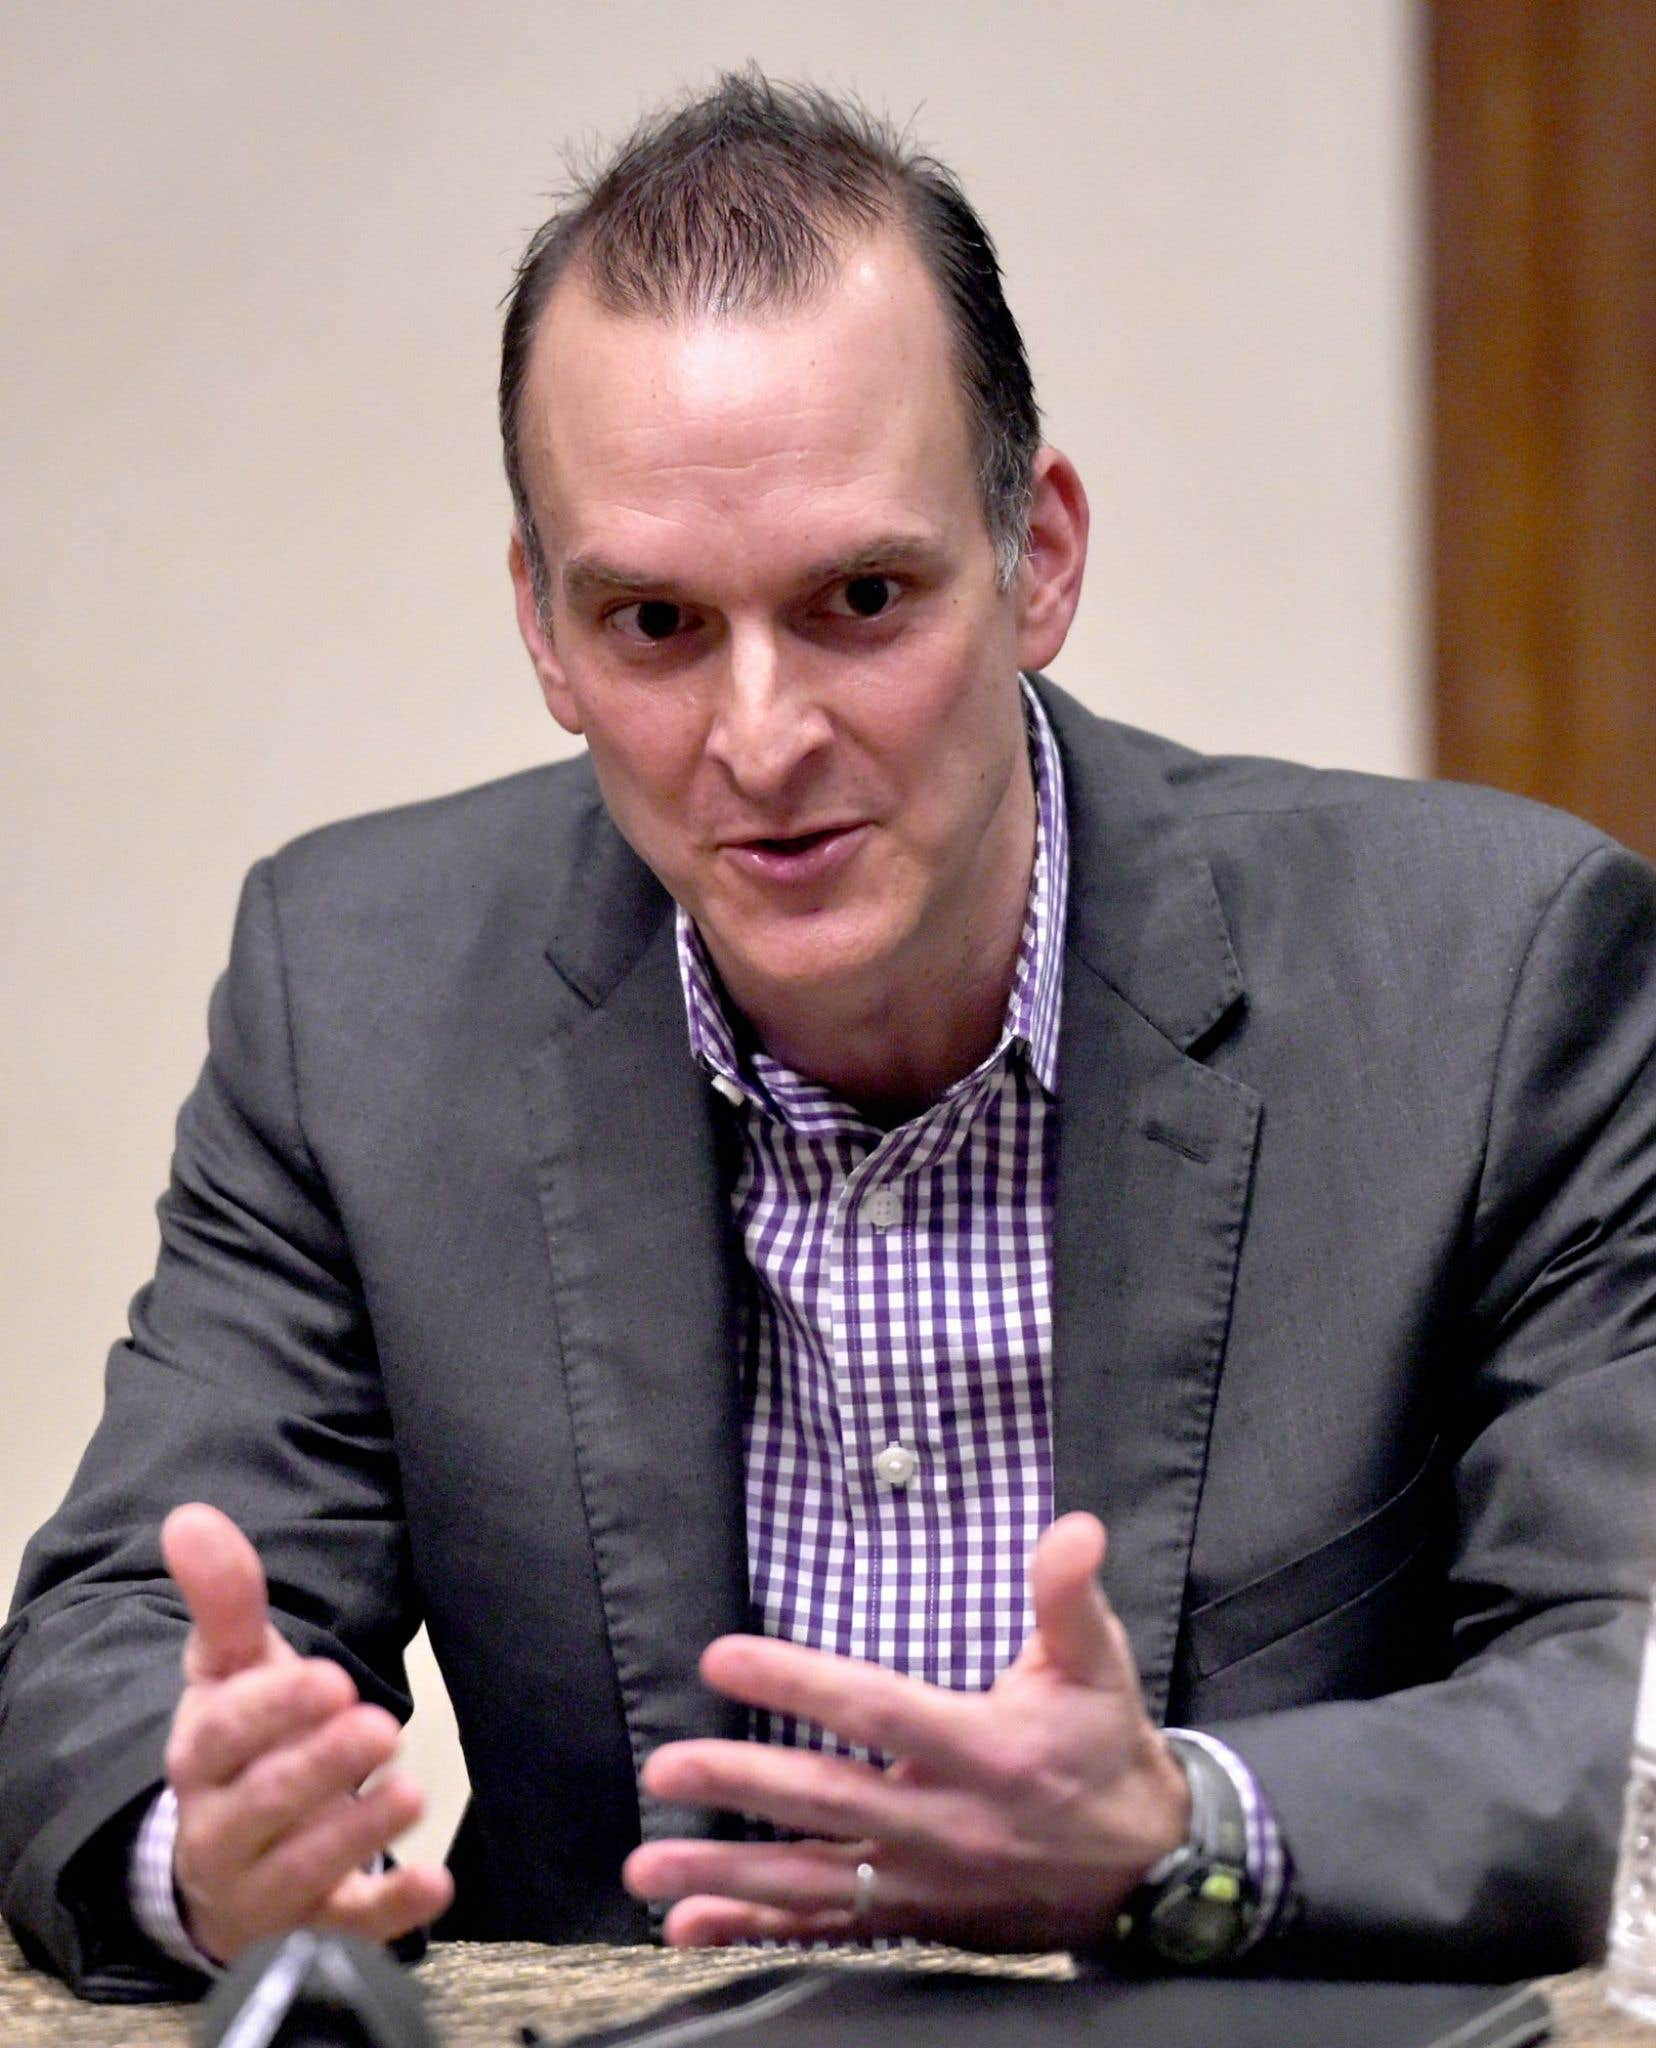 Travis Tygart, le directeur de L'Agence américaine de lutte contre le dopage (USADA)